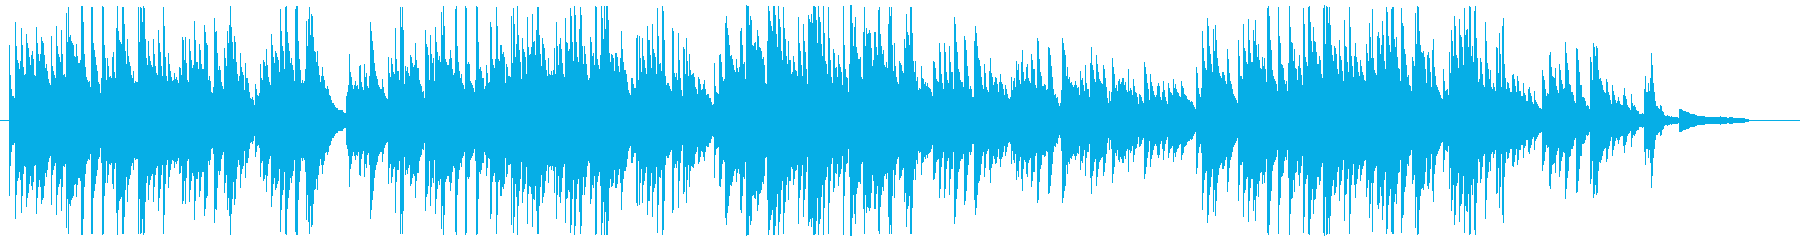 切ないピアノソロの再生済みの波形